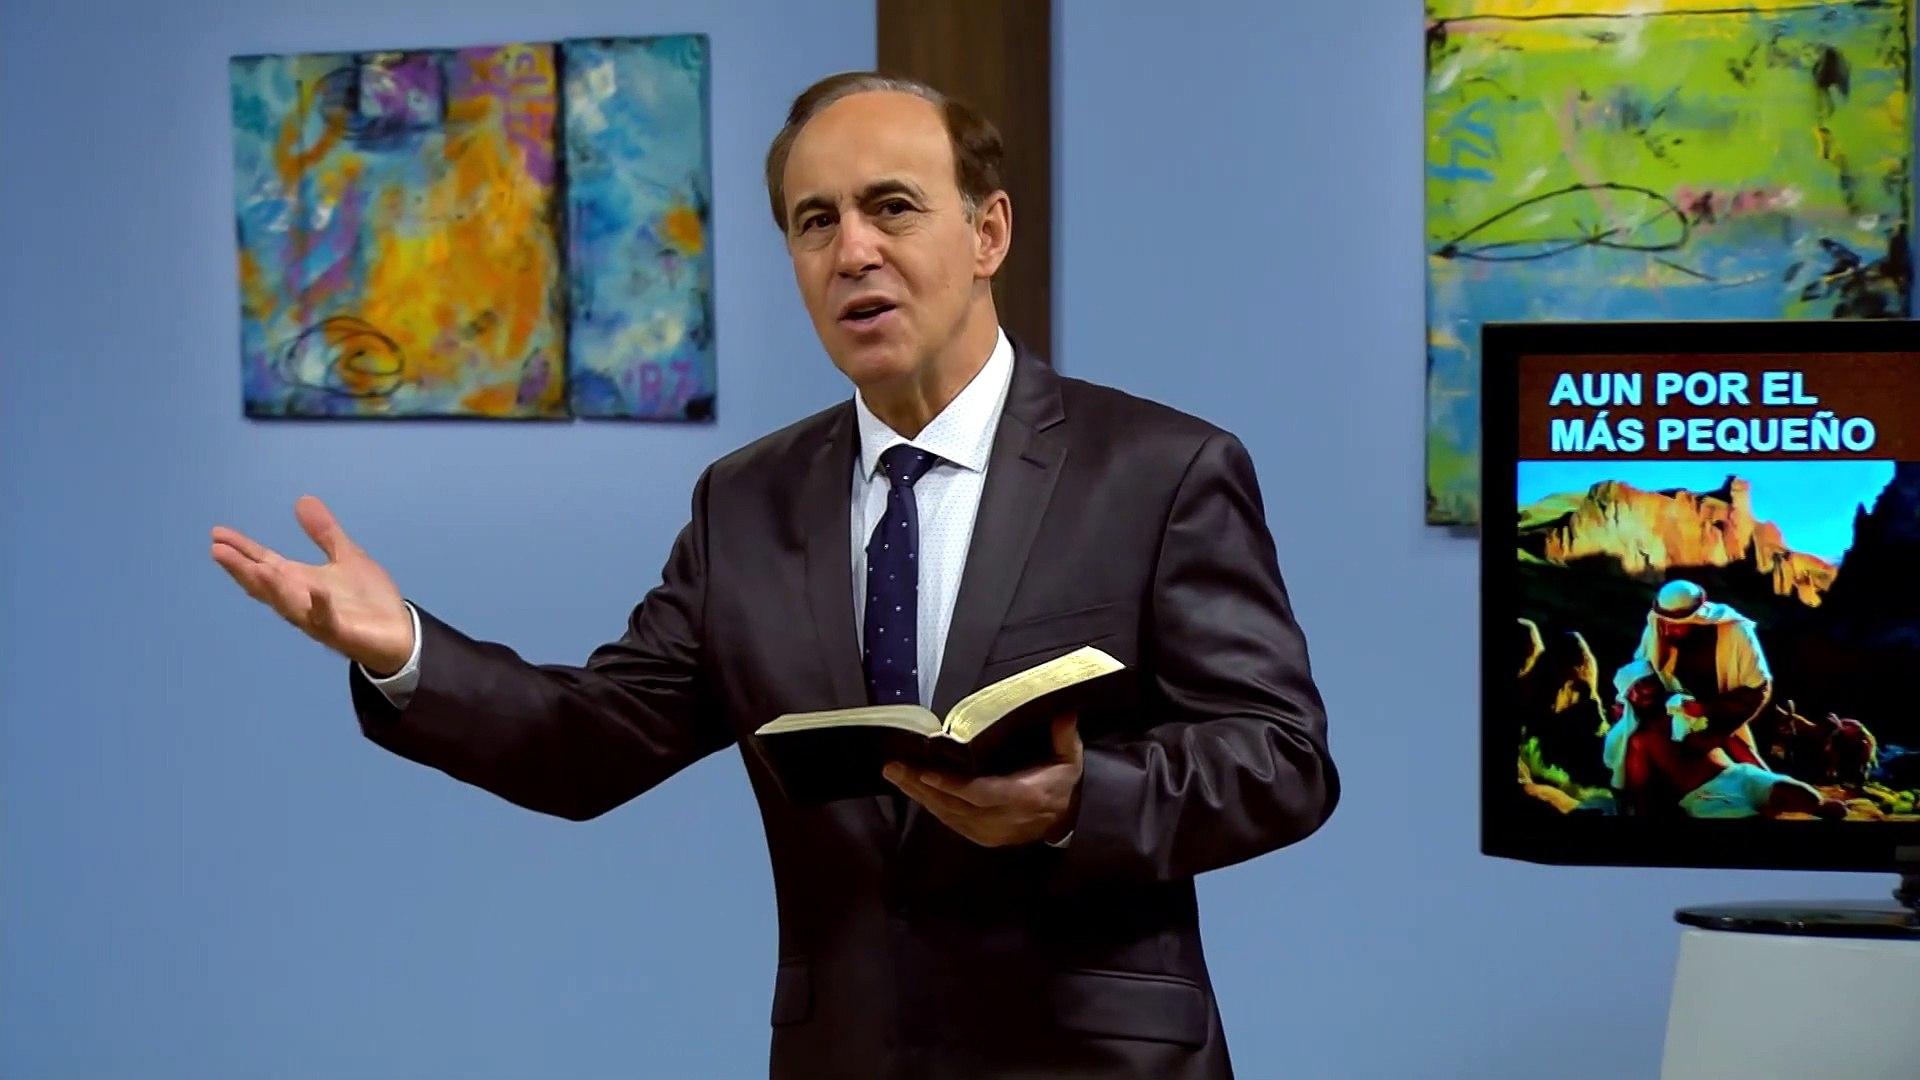 Lección 10: De qué modo vivir el evangelio - Lecciones de Vida